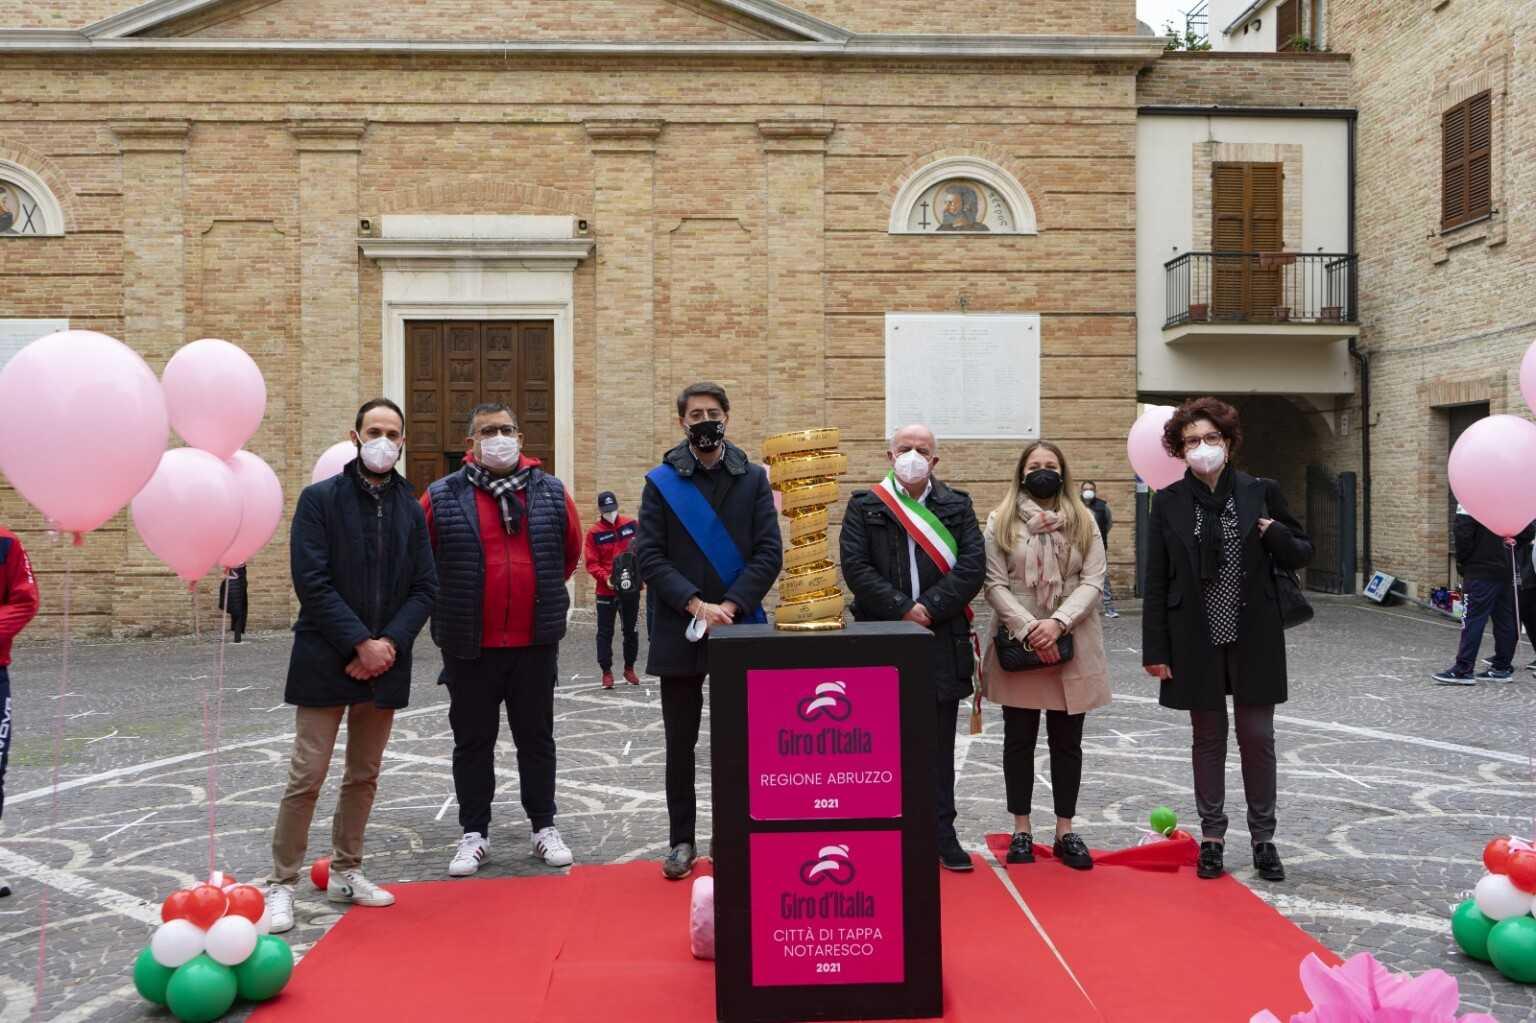 FOTO   Giro d'Italia 2021 a Notaresco: iniziato il mese in Rosa